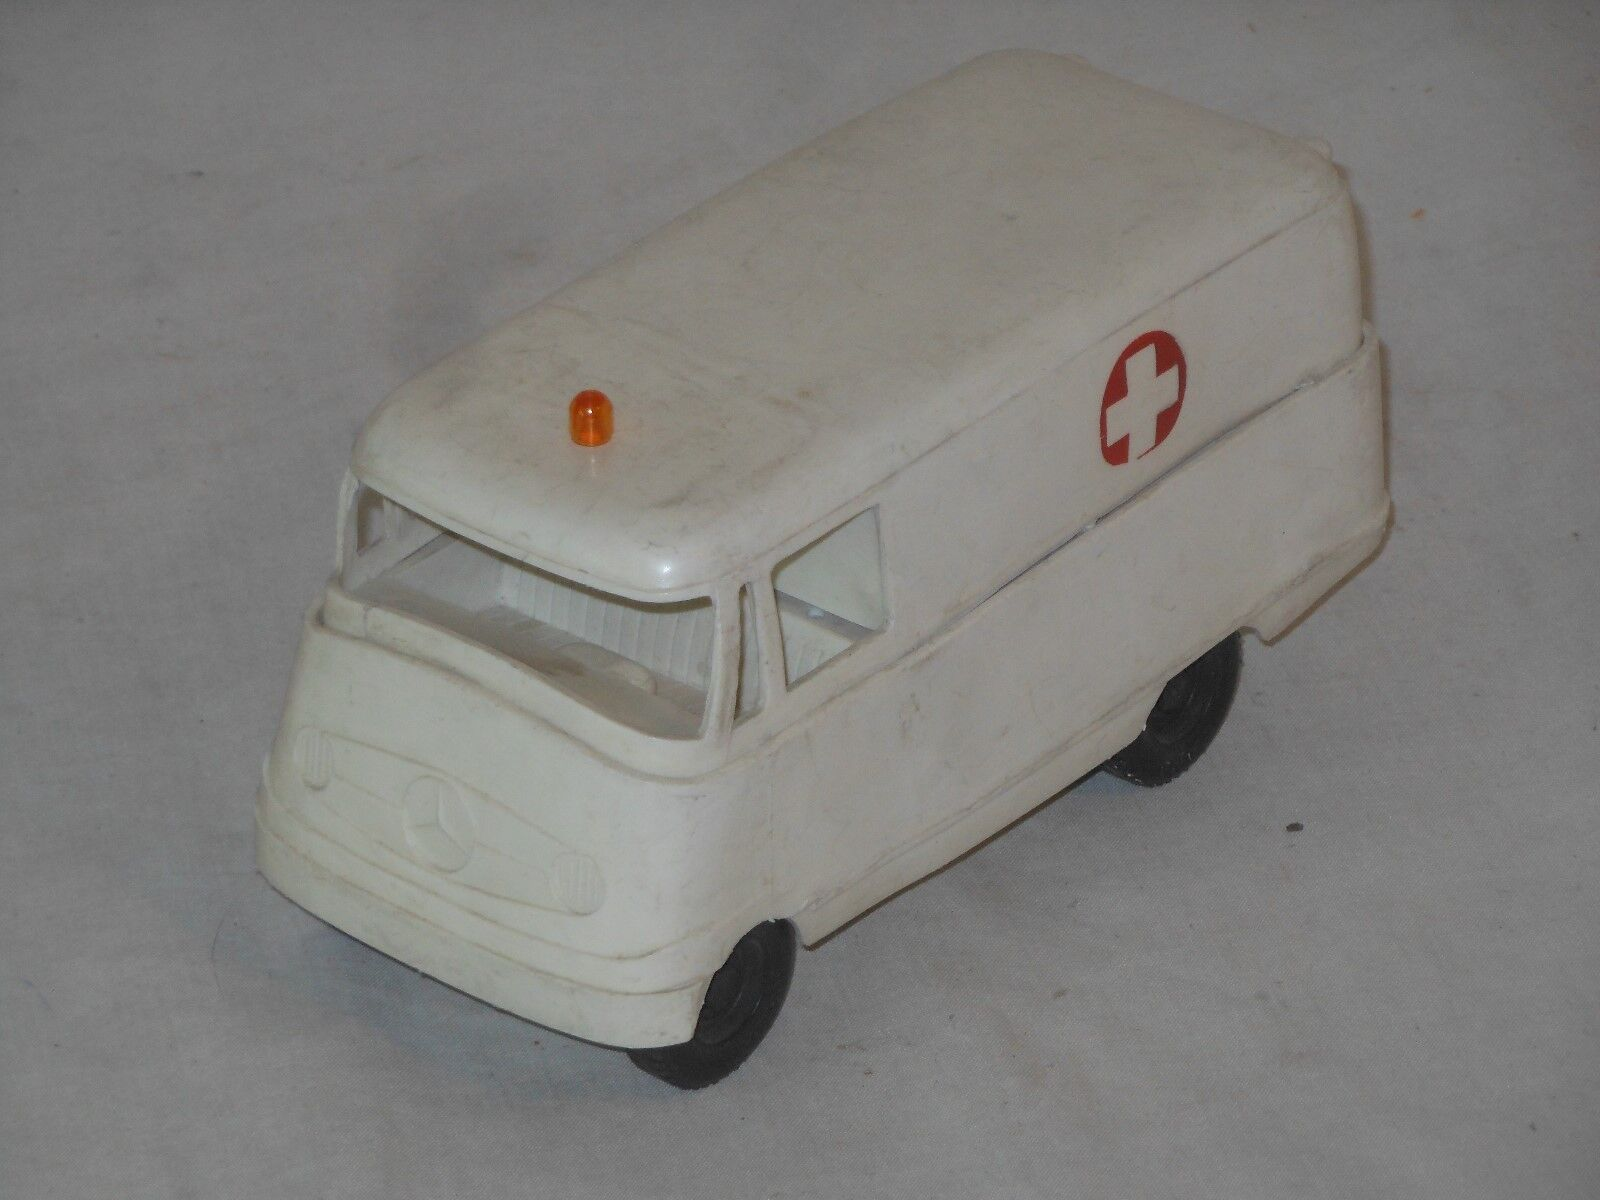 GAMA - MERCEDES BENZ bus - 20 cm - Jahr Spielzeug - WEST GERMANY - 11